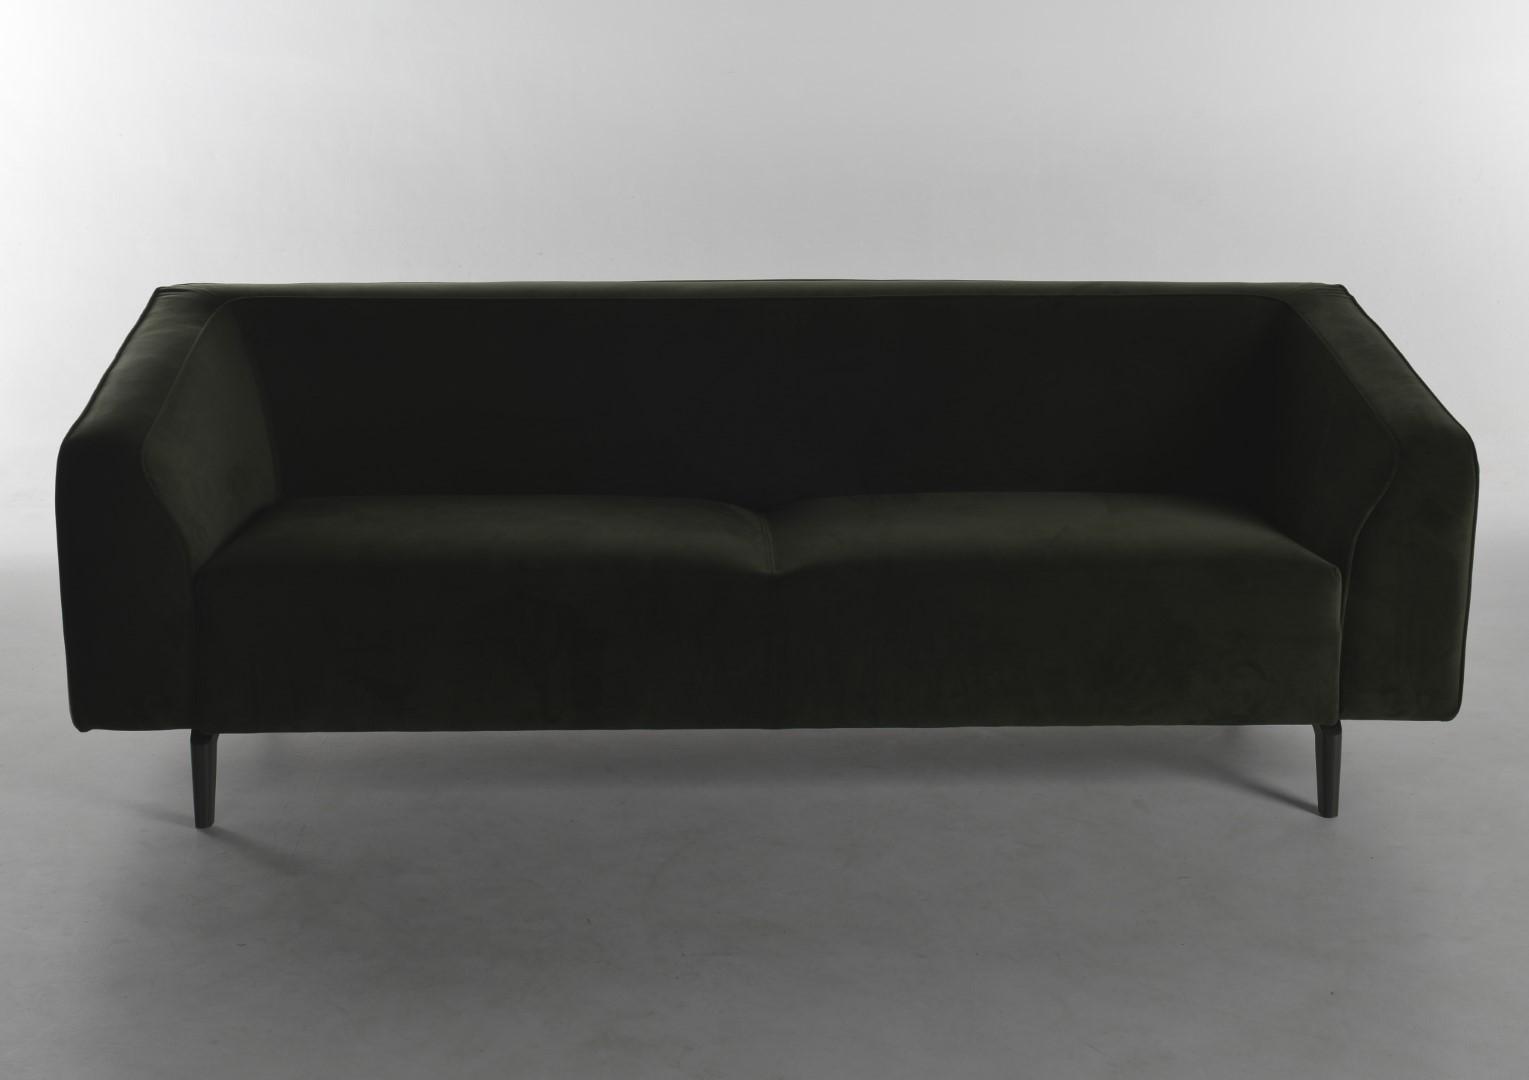 jodie bert plantagie outlet. Black Bedroom Furniture Sets. Home Design Ideas